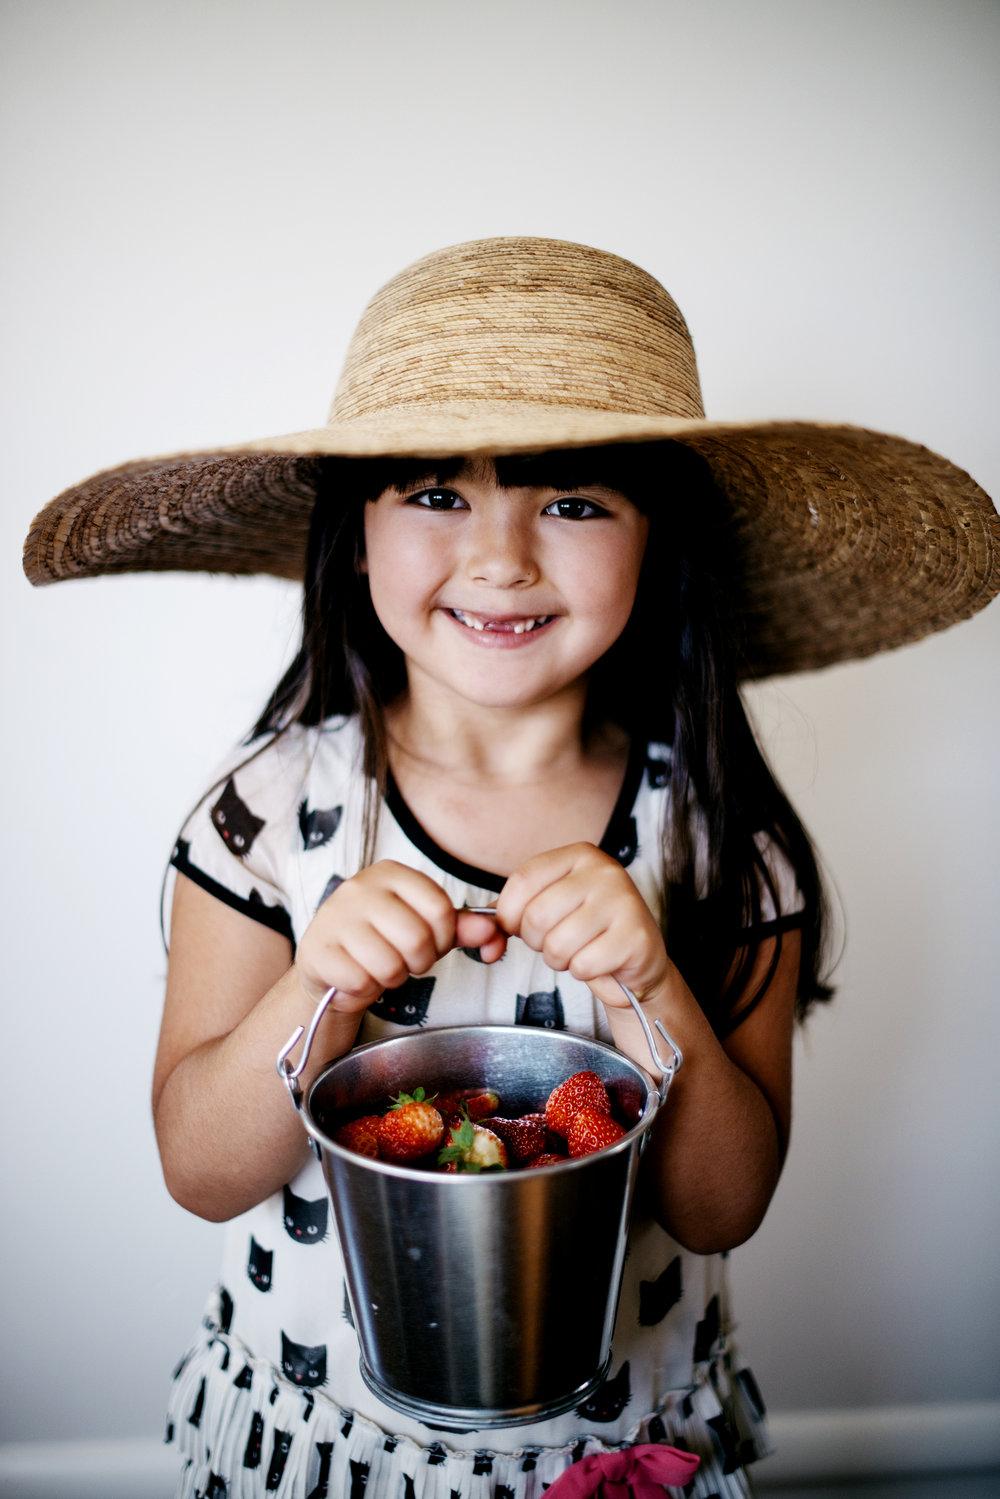 bucket of strawberries.jpg